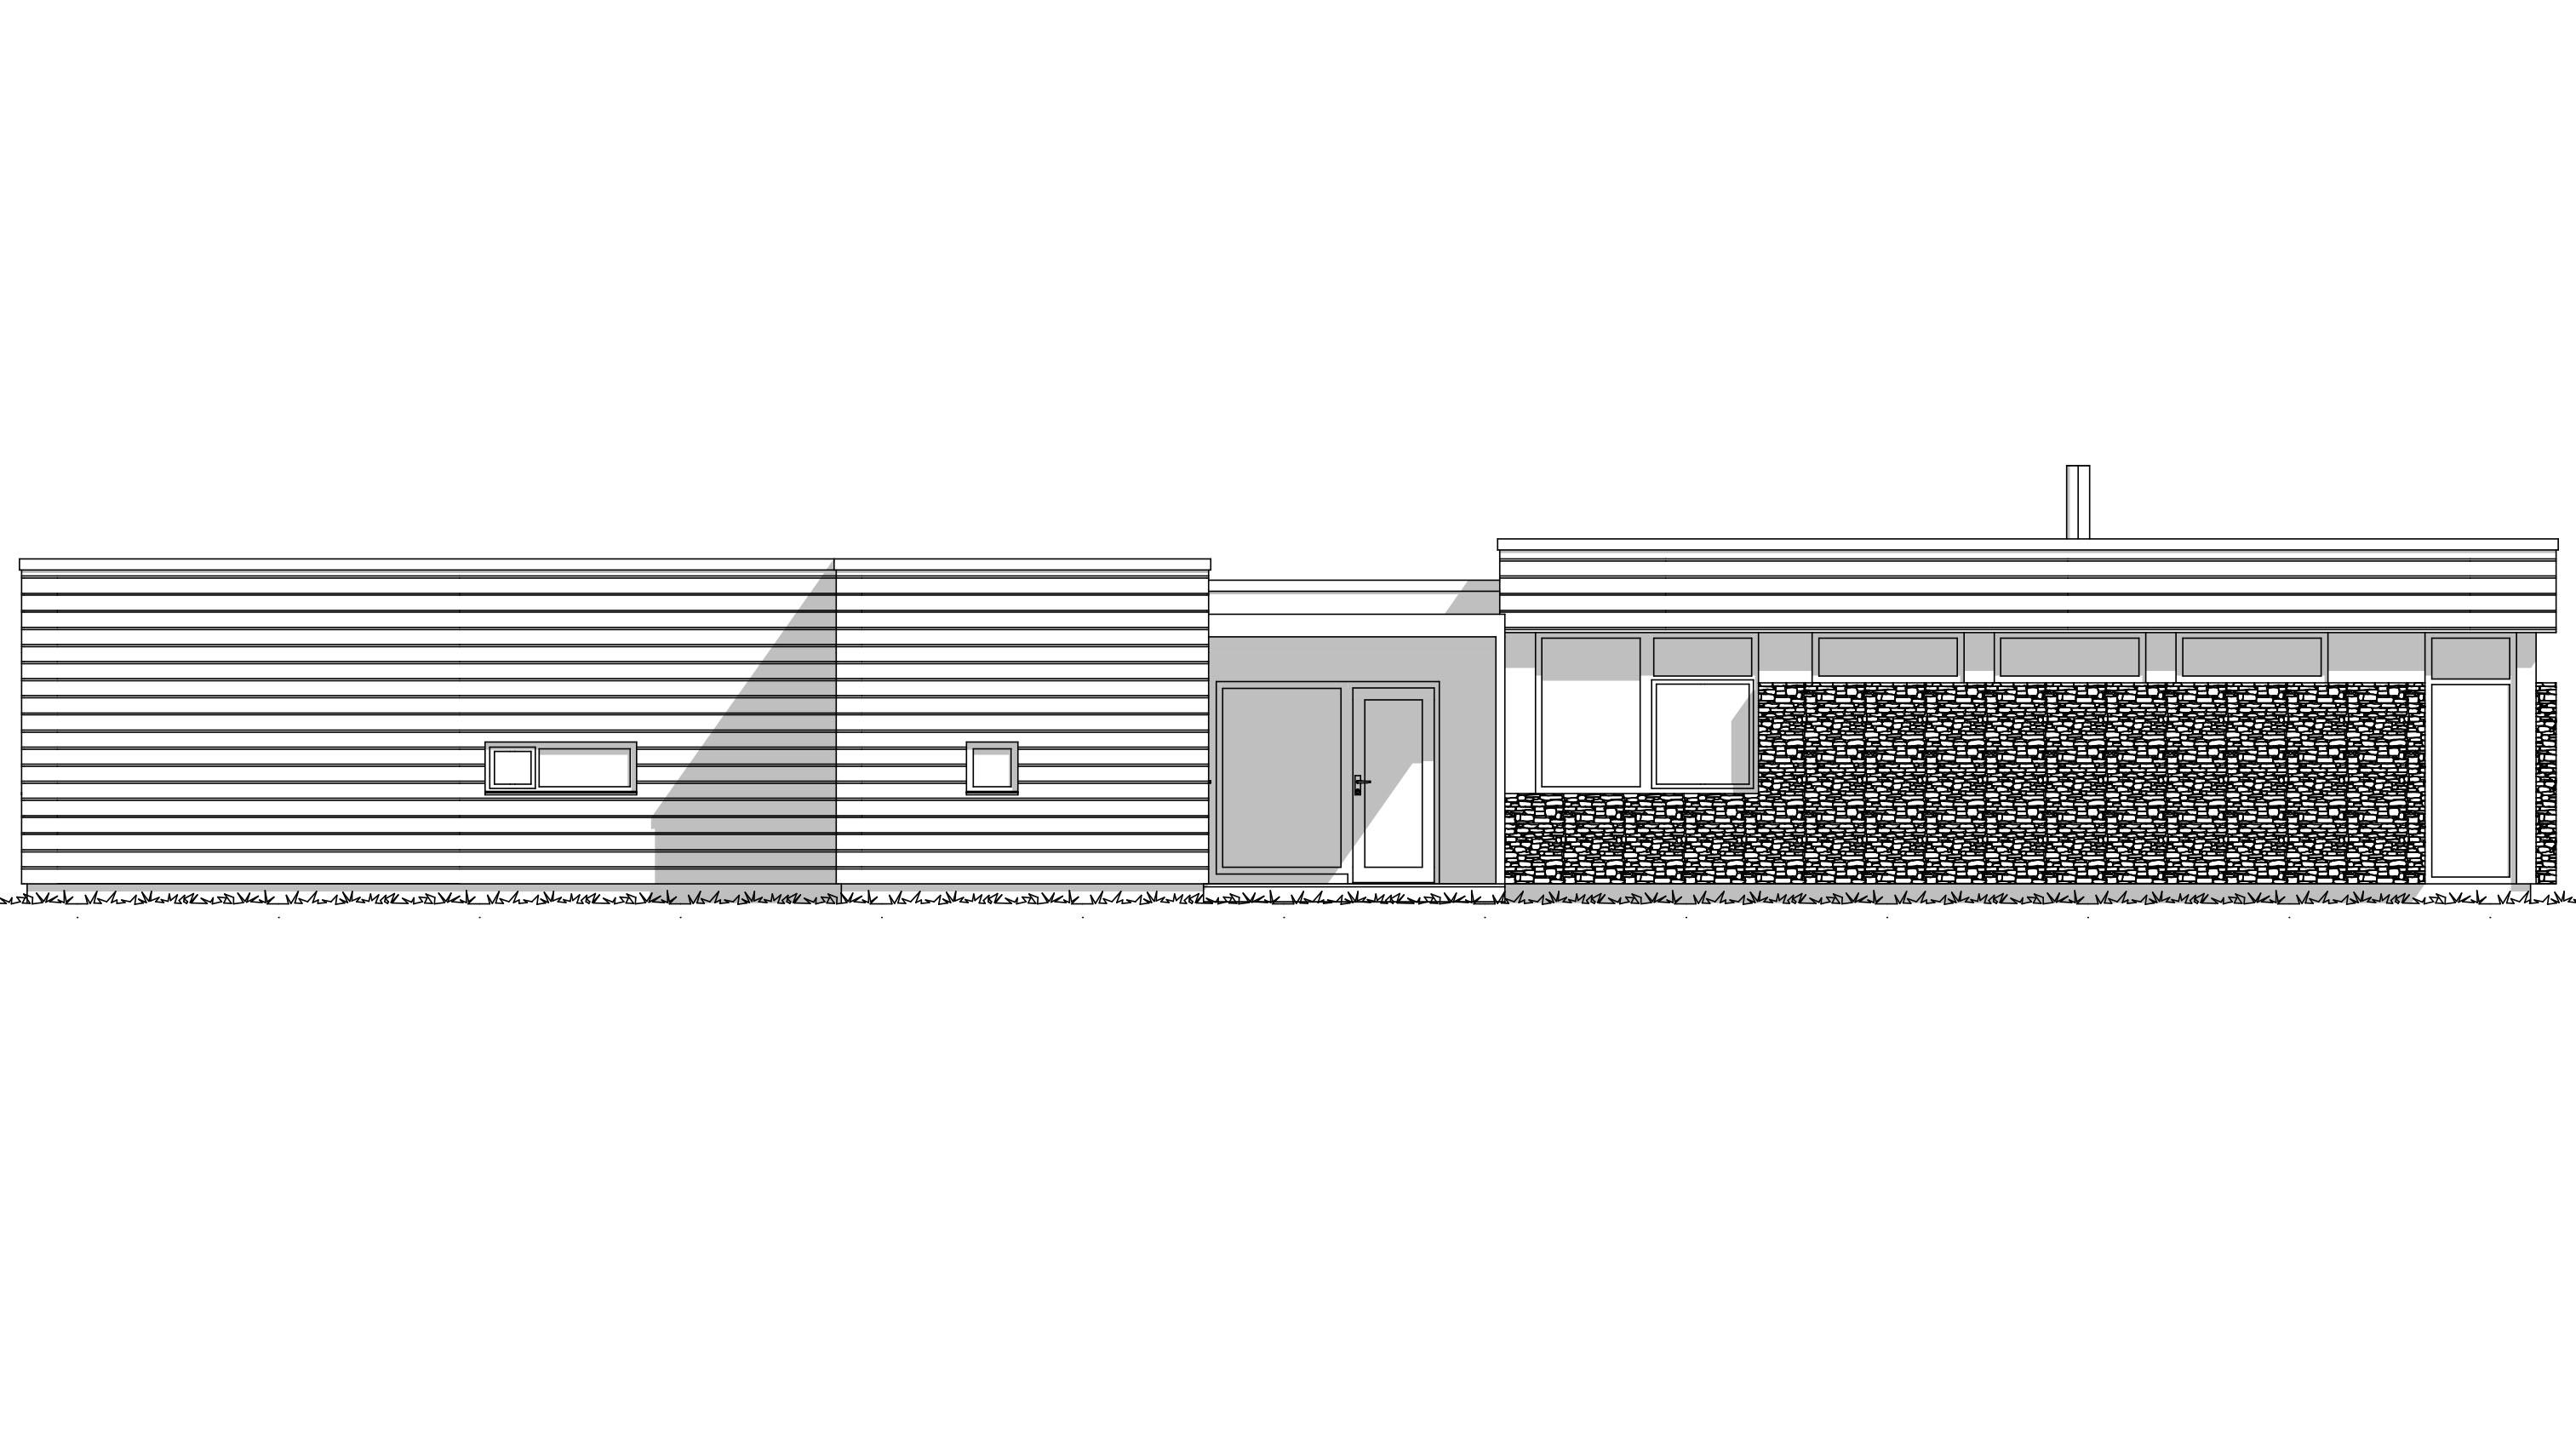 16-Ormen+Lange+fasade+3+katalog.jpg